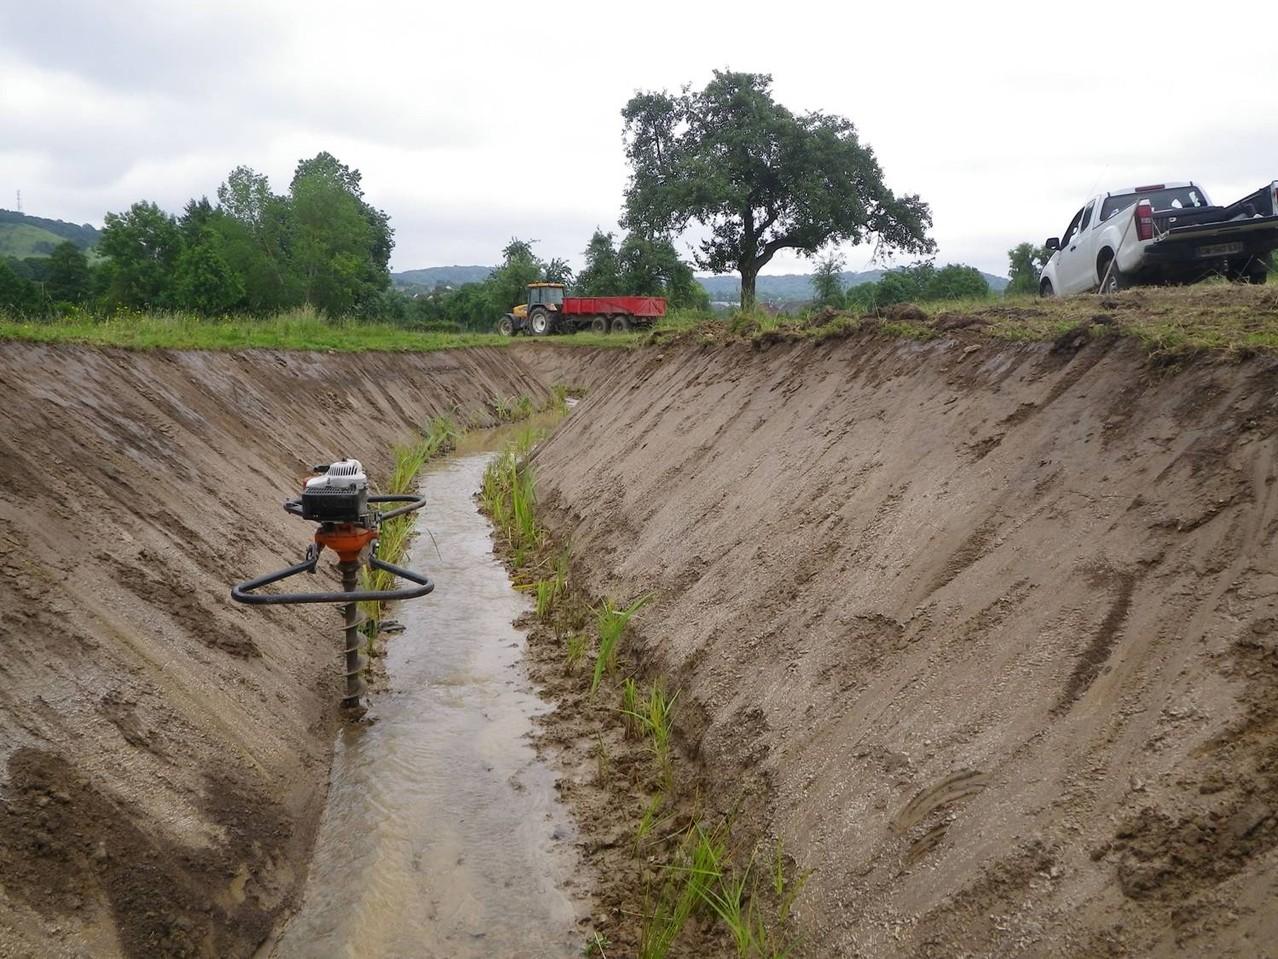 Plantation des Hélophytes à la tarière (outils permettant de percer le sol ou des matériaux comme le bois)